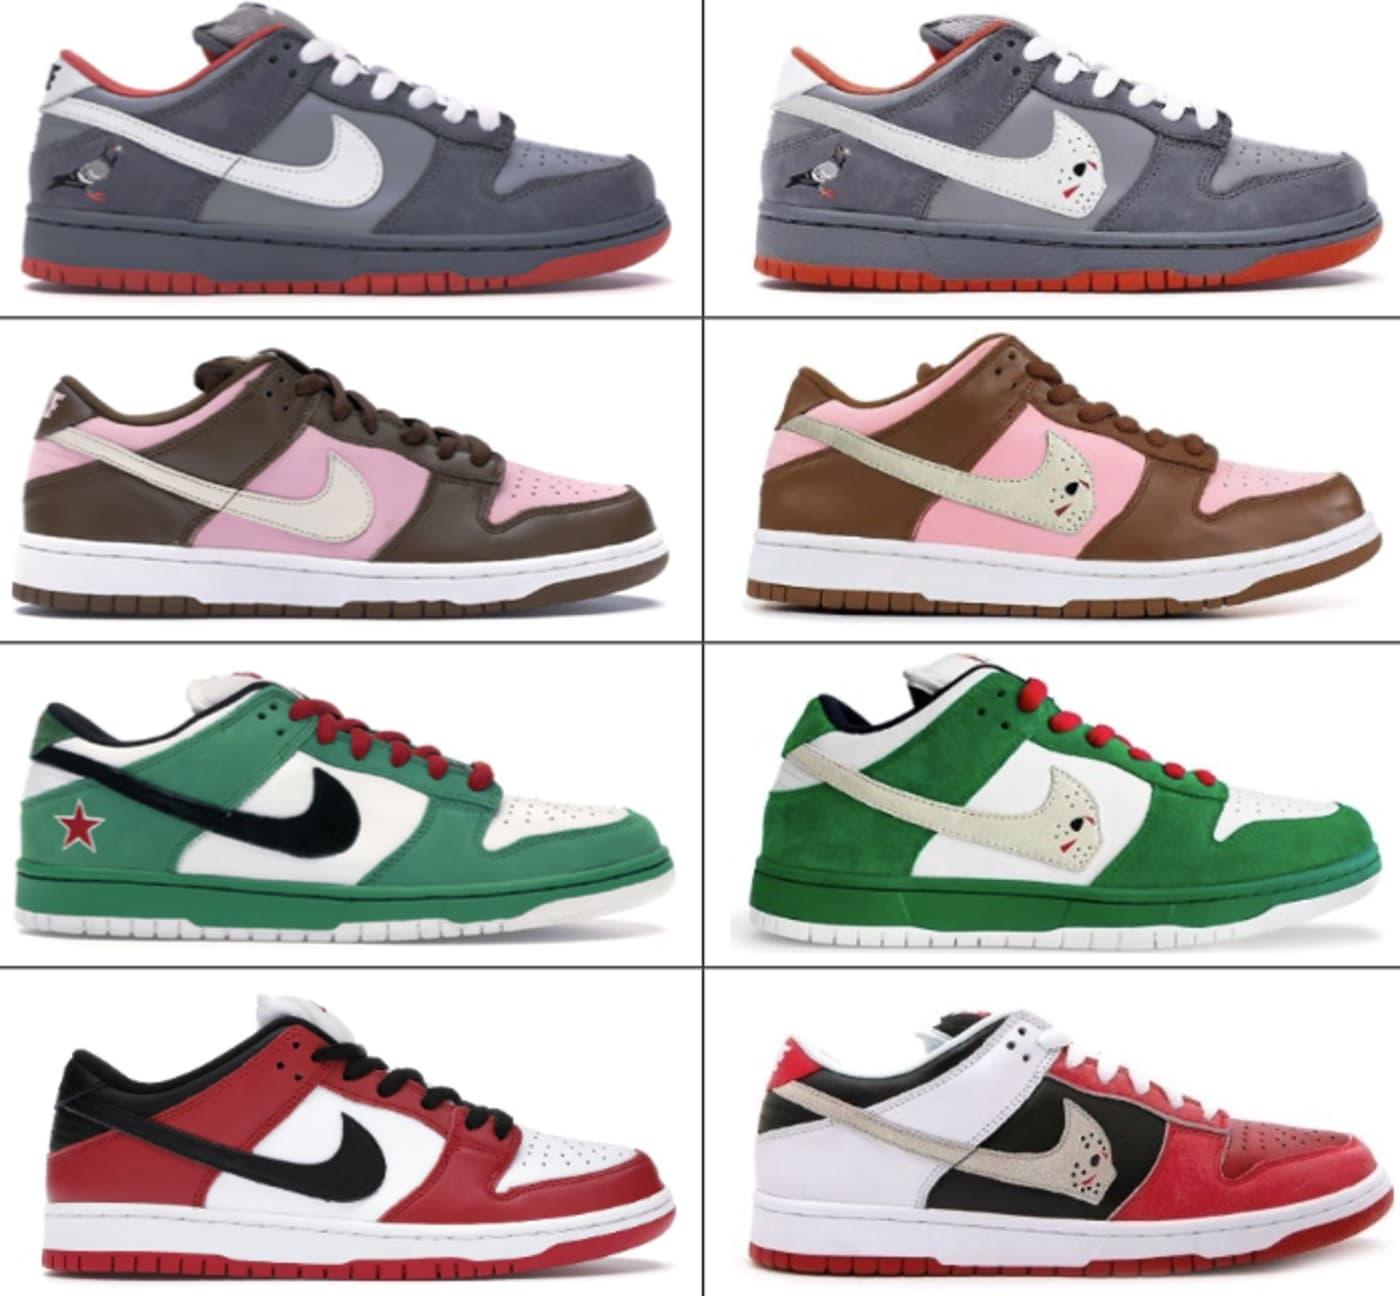 Warren-Lotas-Nike-Dunk-Lawsuit-1